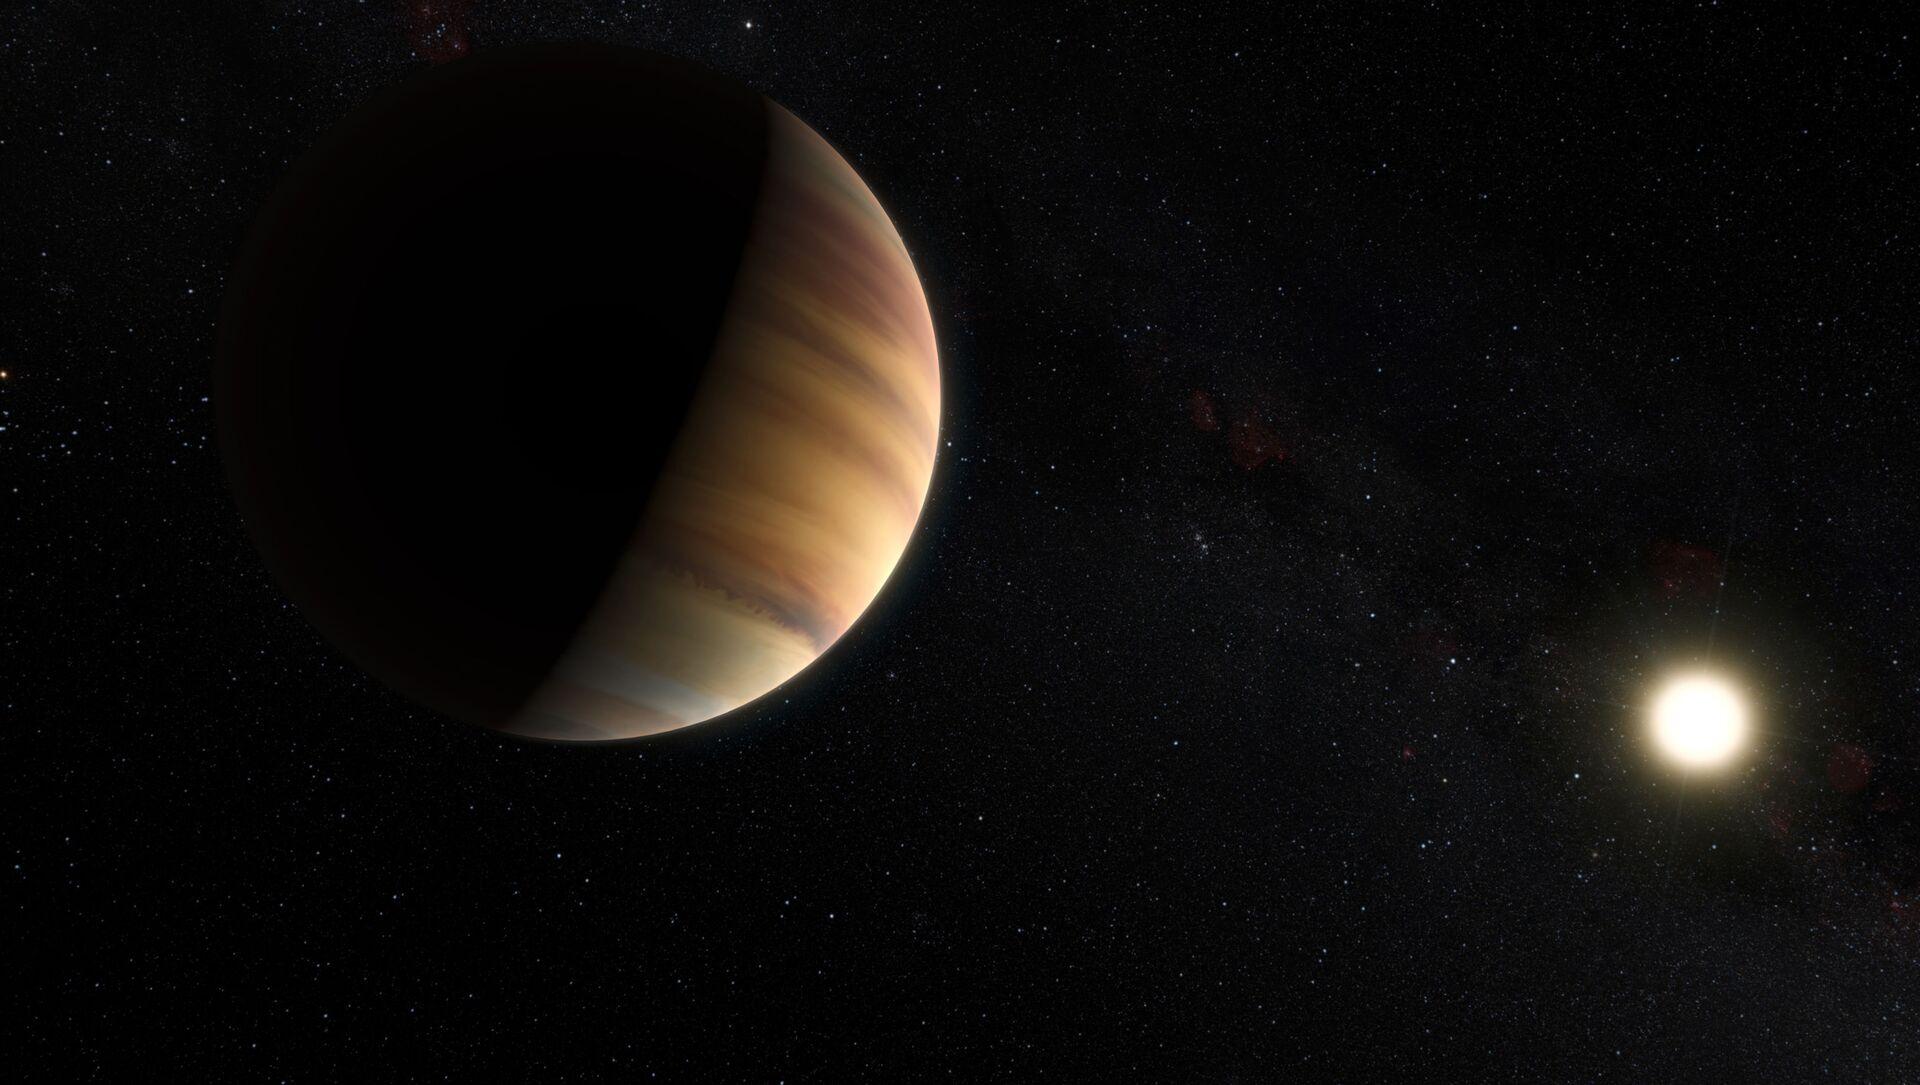 Prof. Michel Mayor ve Prof. Didier Queloz 1995 yılında, 50 ışık yılı uzaktaki bir yıldızın yörüngesinde dönen '51 Pegasi b' adlı dev gaz kütlesini keşfetti. '51 Pegasi b', Güneş Sistemi'nin dışında bir cüce yıldız etrafında keşfedilen ilk gezegen oldu. - Sputnik Türkiye, 1920, 06.07.2021